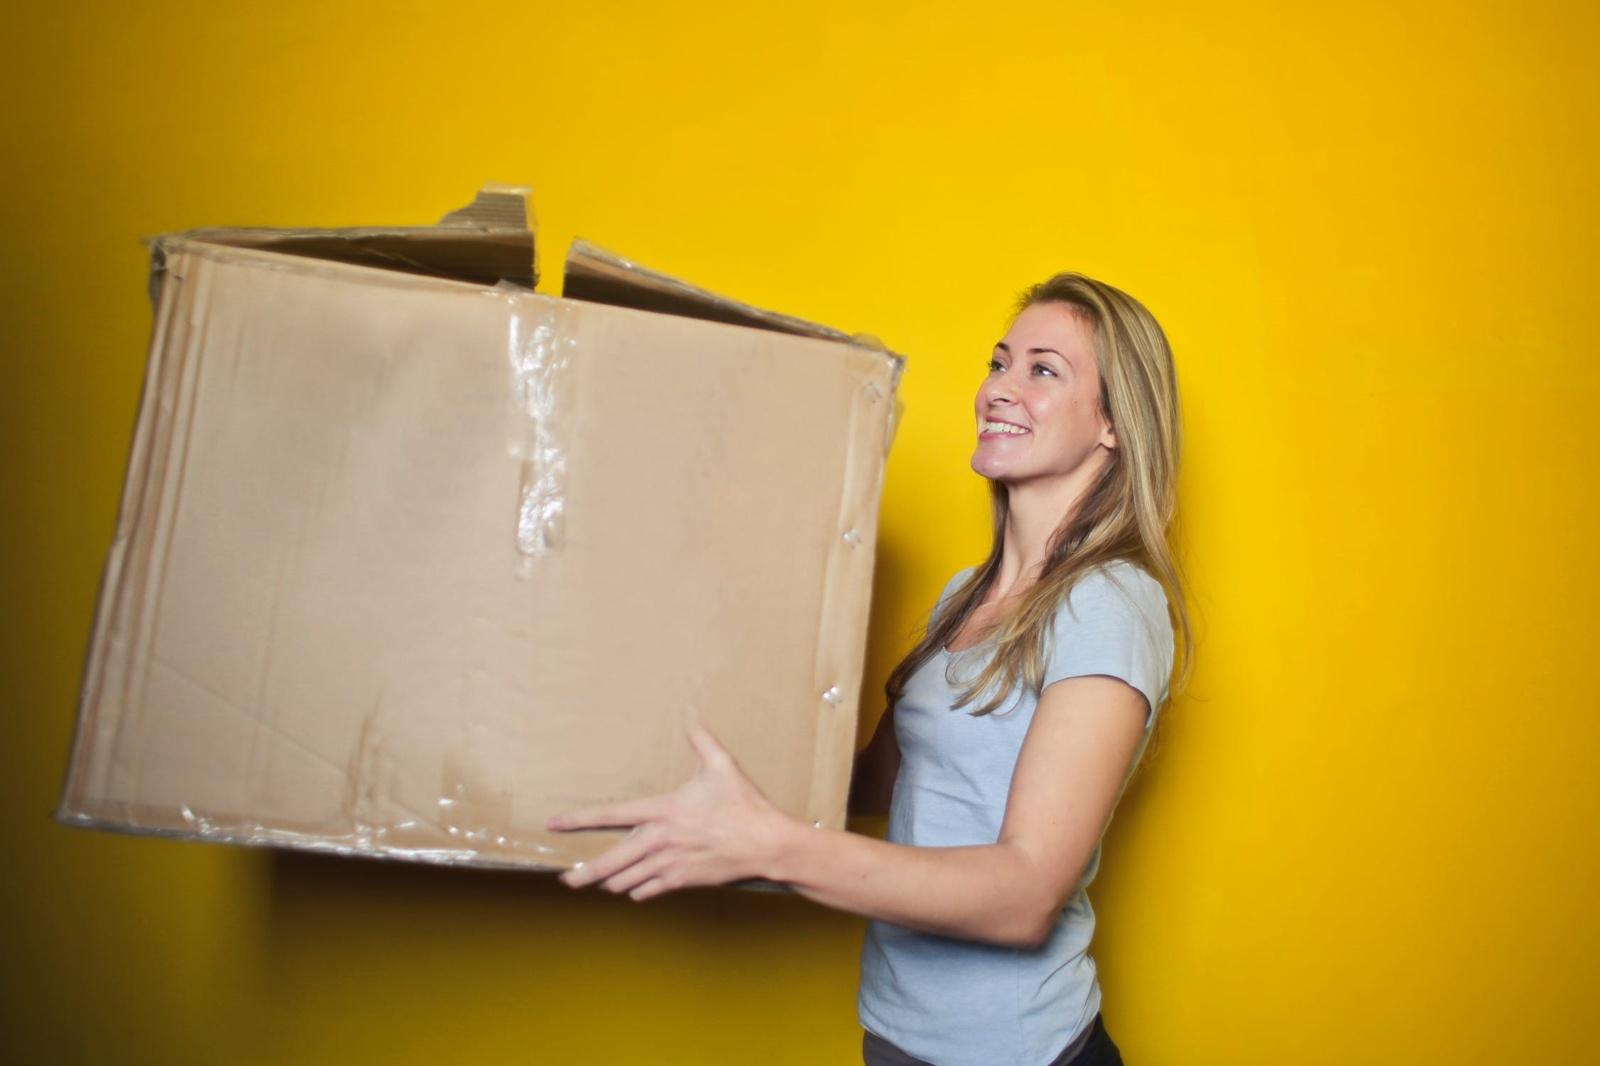 Neišnaudota proga e. parduotuvėms: pagal grąžinamų internete įsigytų prekių skaičių dar atsiliekame nuo Europos